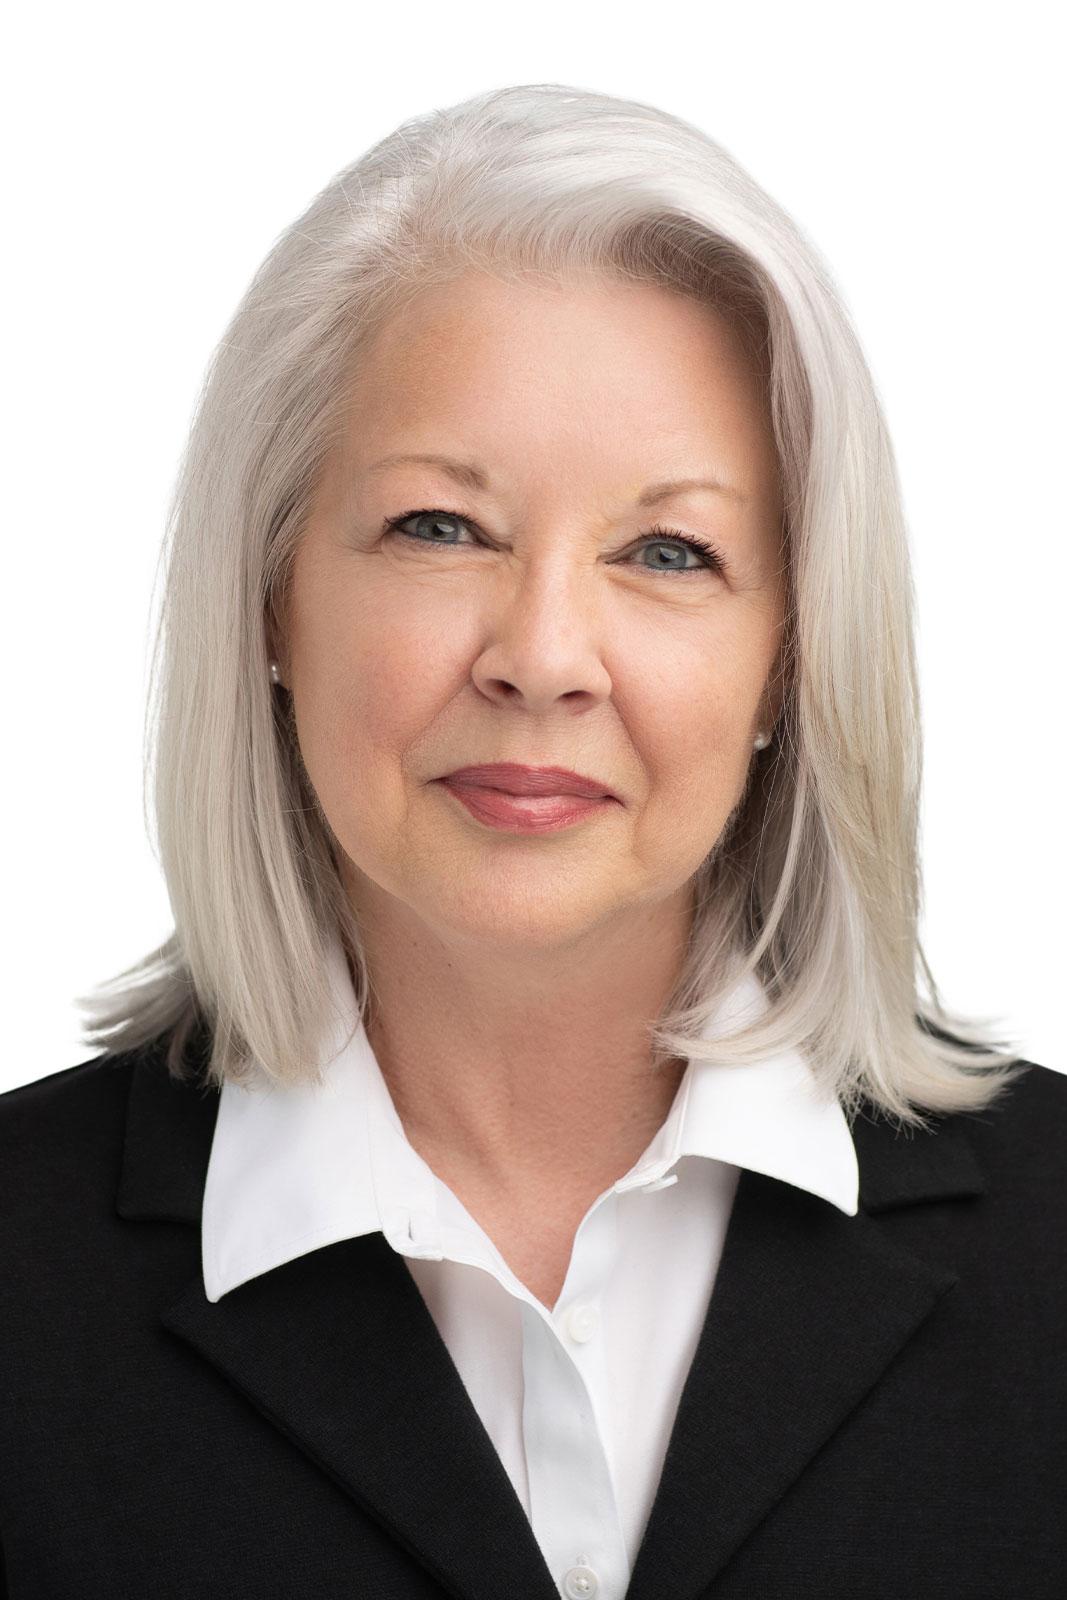 Kim Cobb